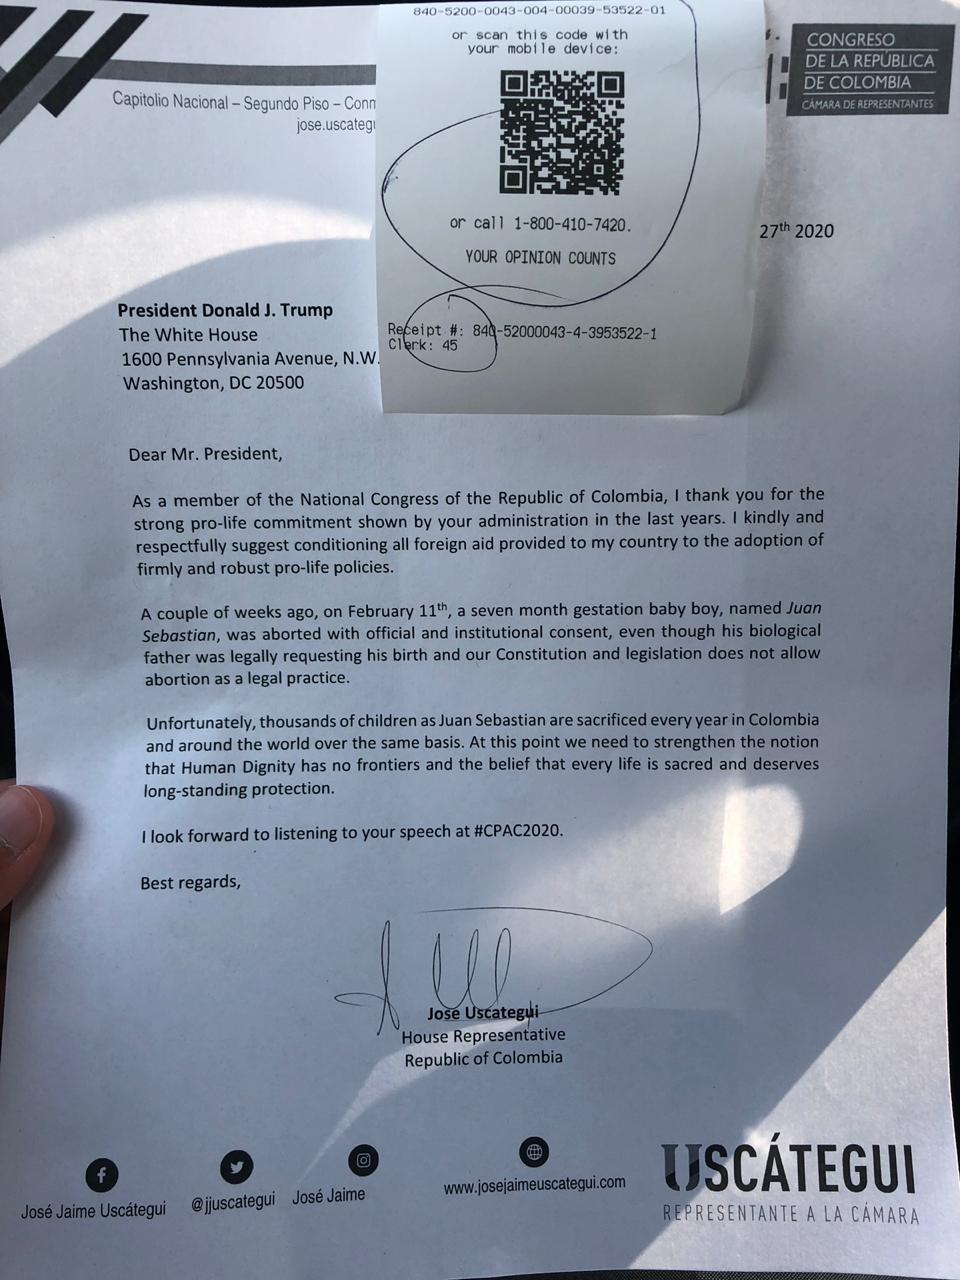 Carta Donald Trump, José Jaime Uscátegui